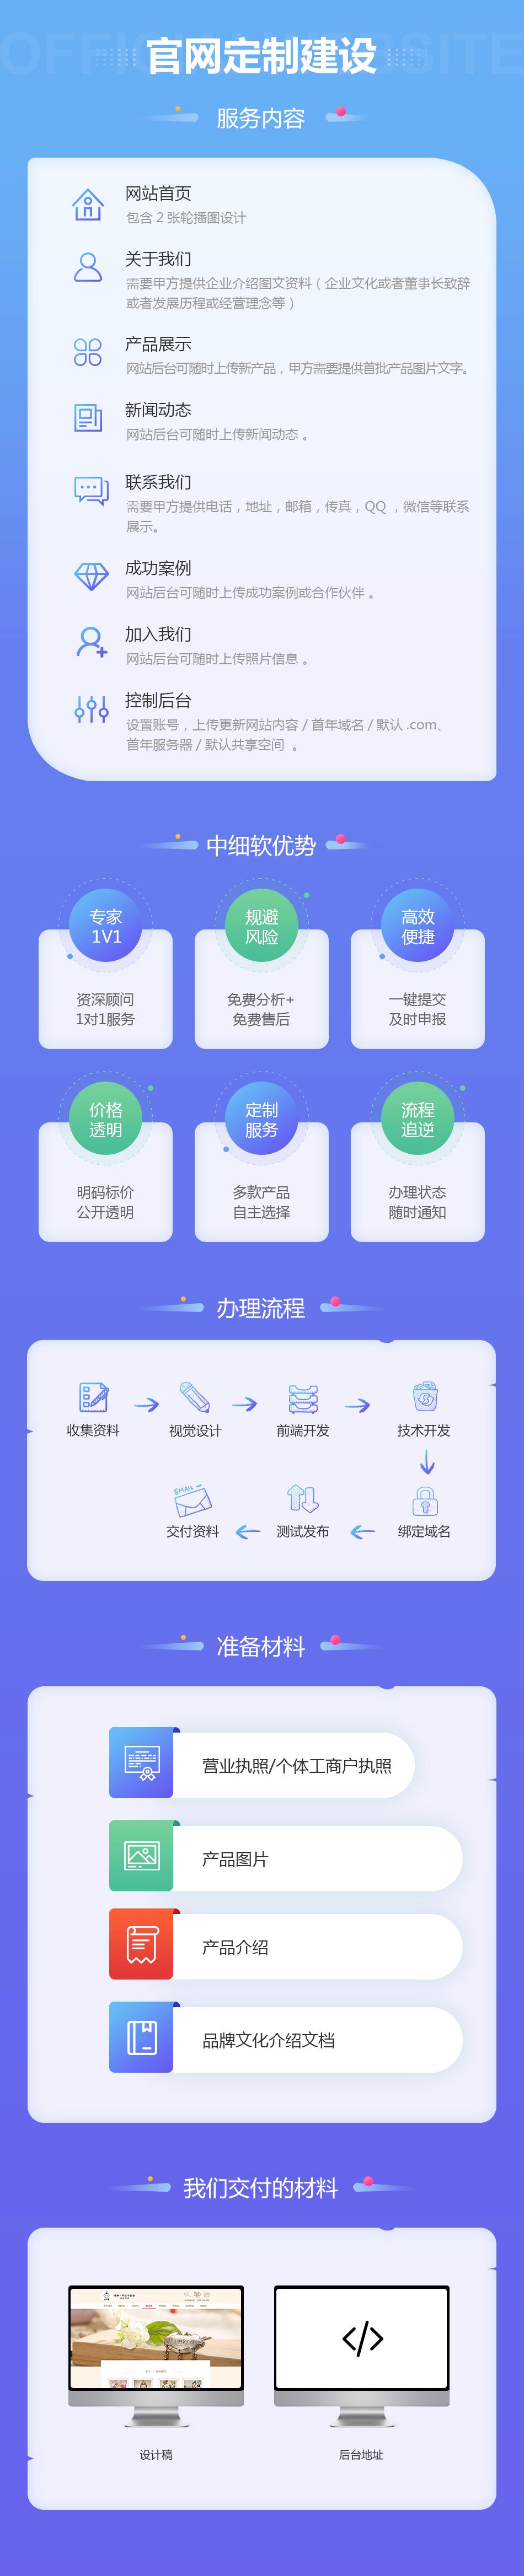 官网定制建设.jpg